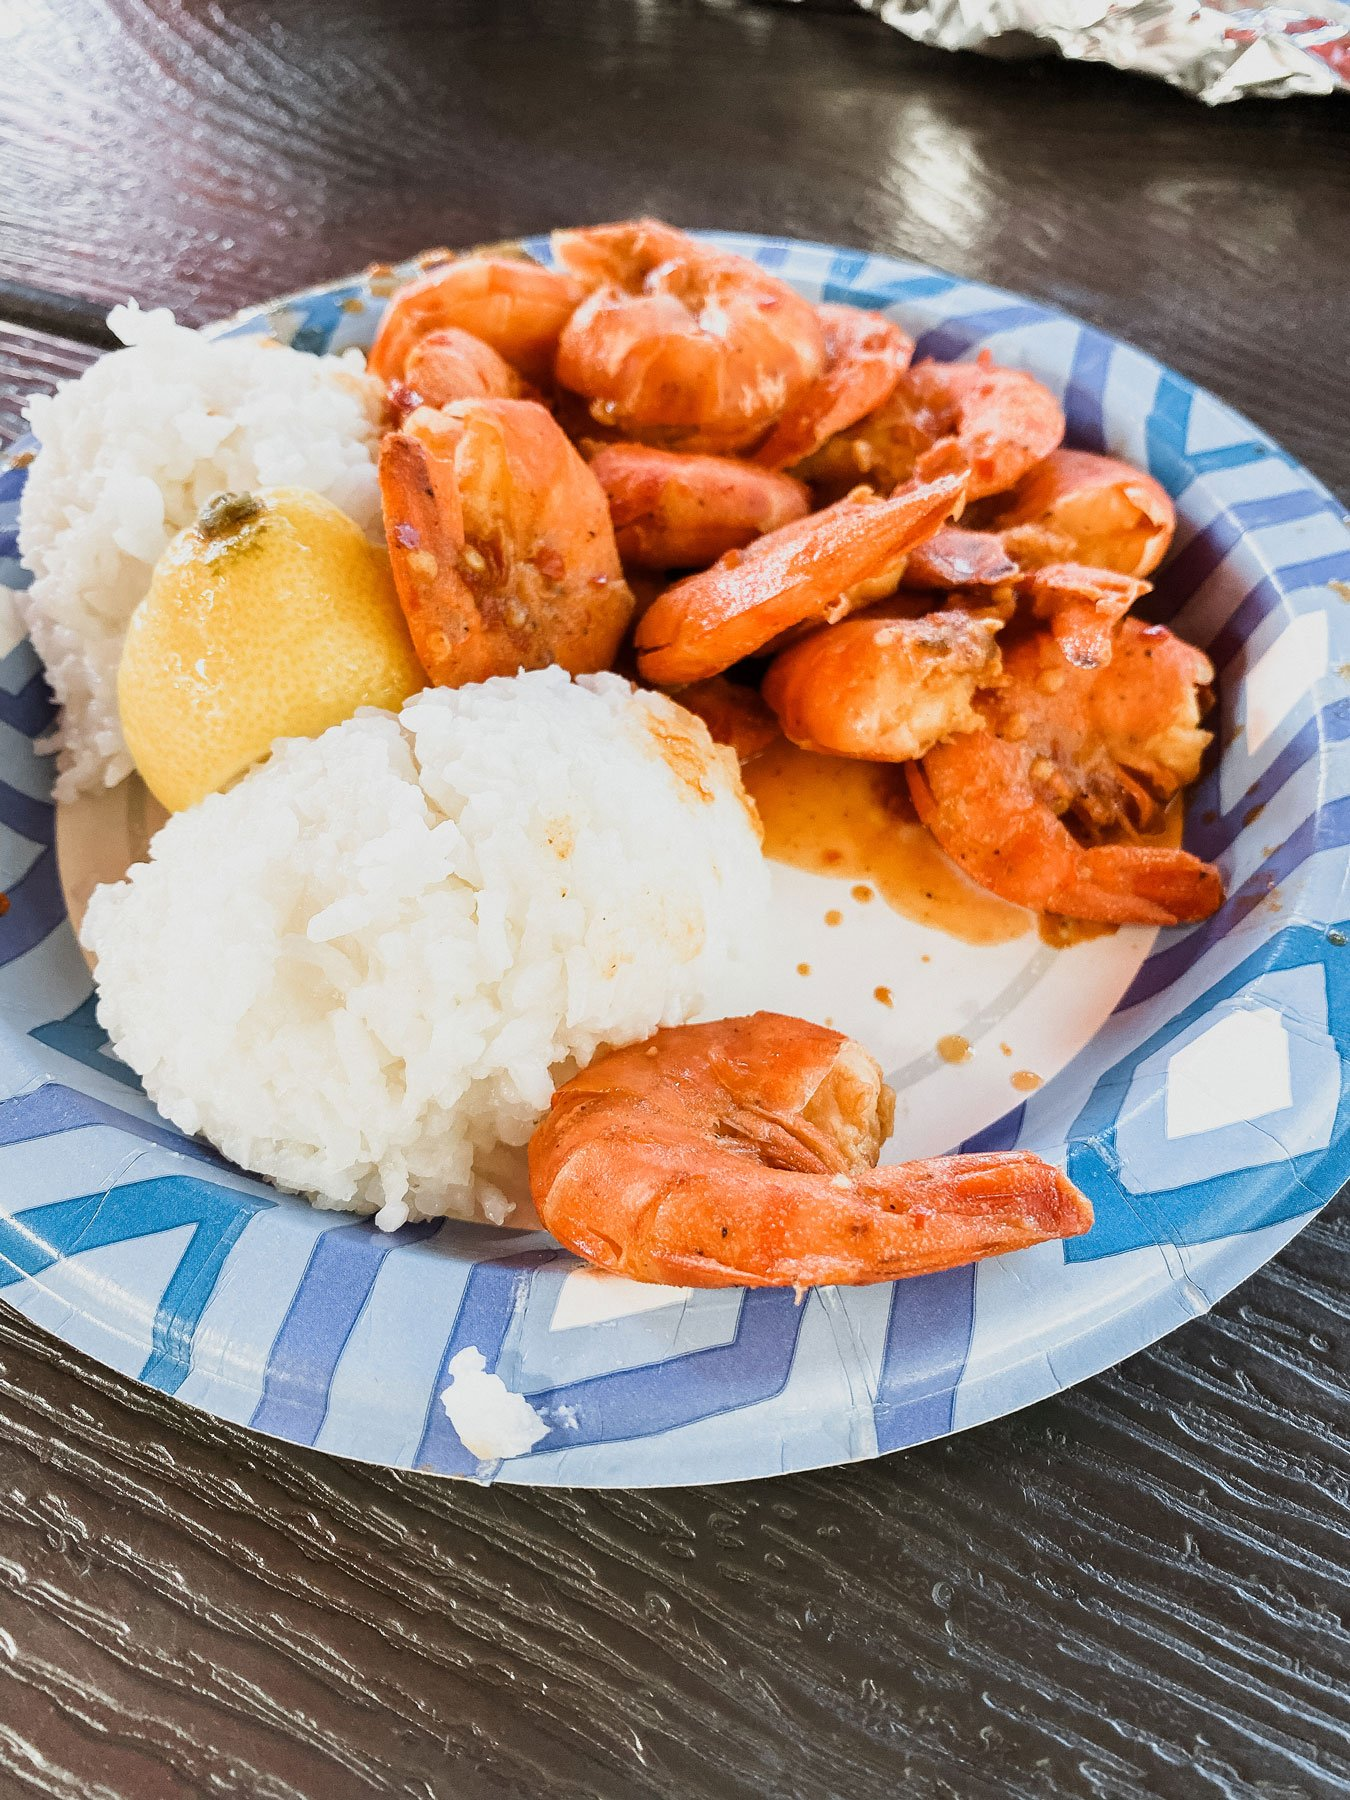 Giovannis_shrimp_oahu_acharmingescape